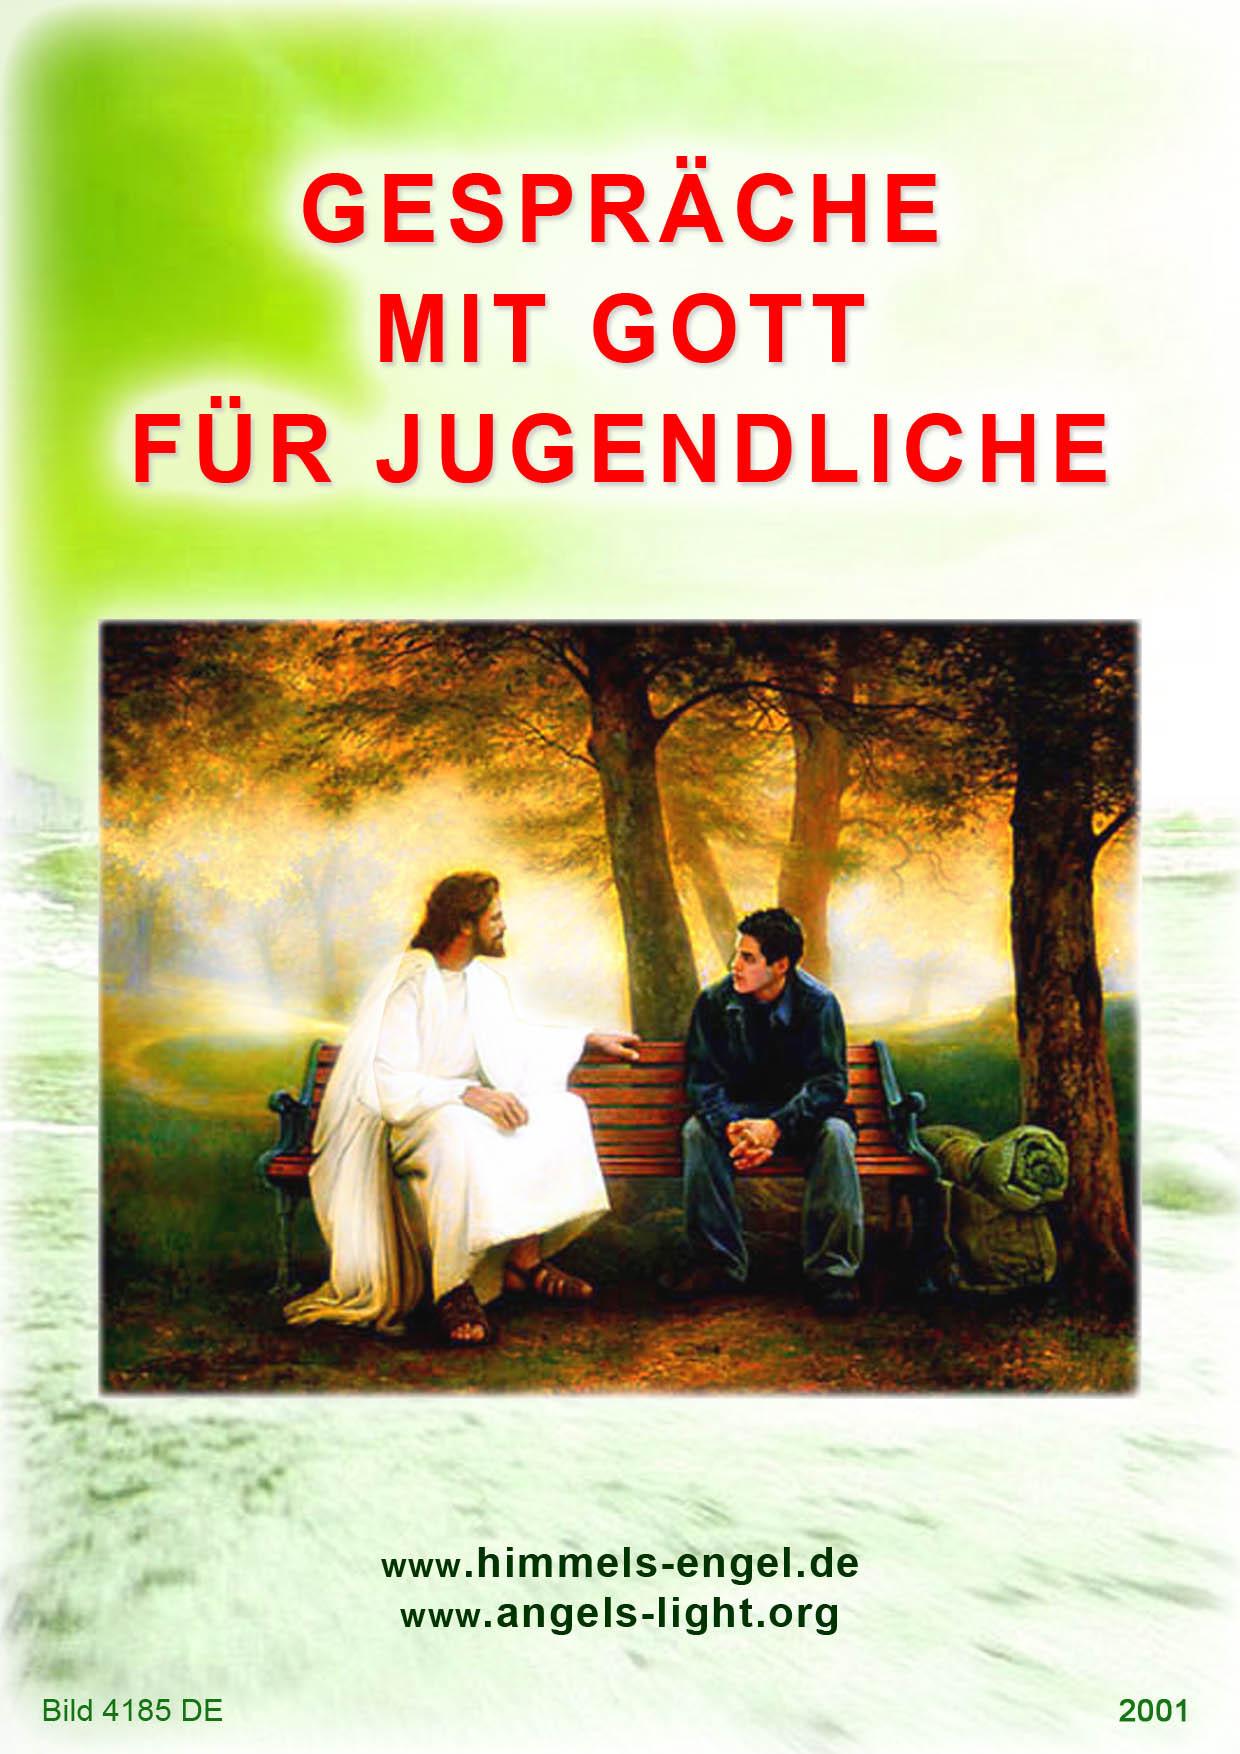 Gespräche mit Gott für Jugendliche - engelweisendirdenwegs Webseite!